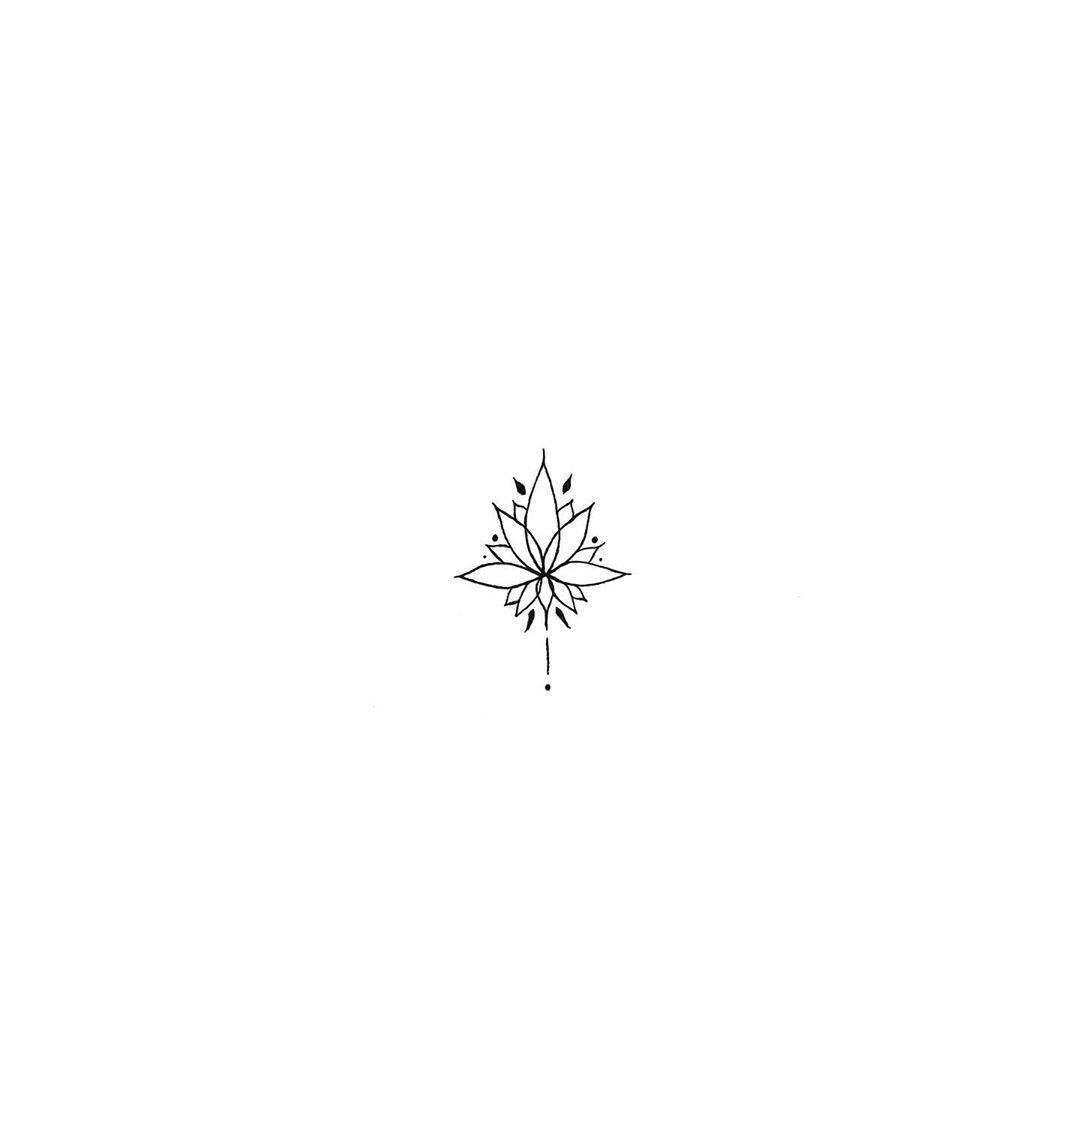 """Photo of Mamo on Instagram: """"121. Keep it simple. • Minimal lotus • """""""